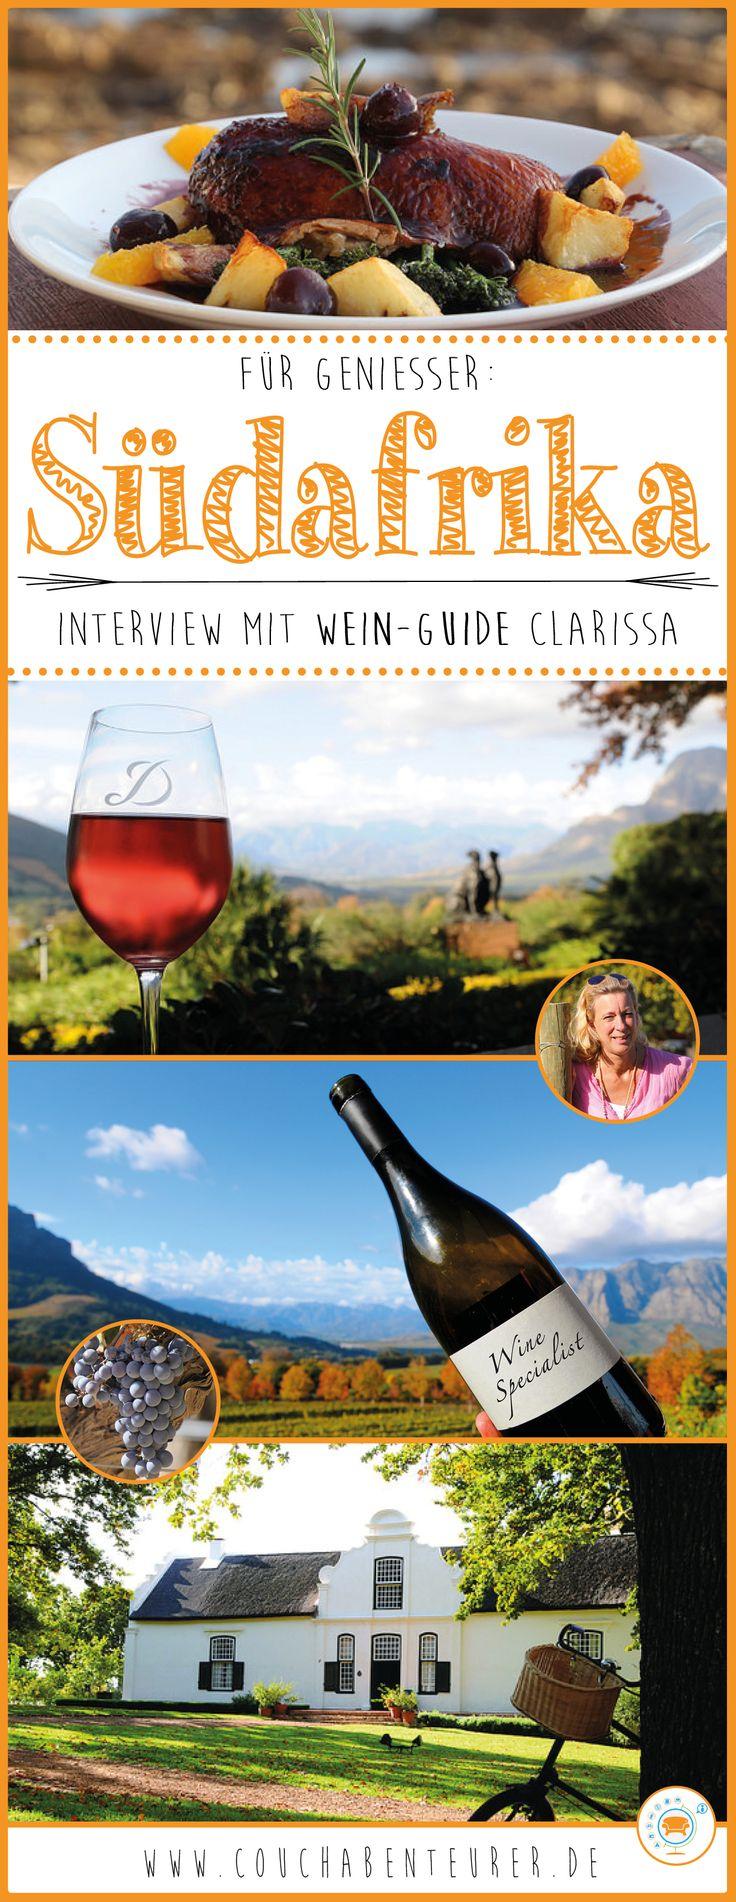 Clarissa Hagemann ist Wein-Expertin und überdies noch ausgebildeter Tour-Guide in Südafrika. Ihre Leidenschaft für das Land am Kap und seine hervorragenden Weine hat sie sich zur Lebensaufgabe gemacht. Ihre Begeisterung teilt sie mit Reisenden aus der ganzen Welt. Ich habe sie interviewt